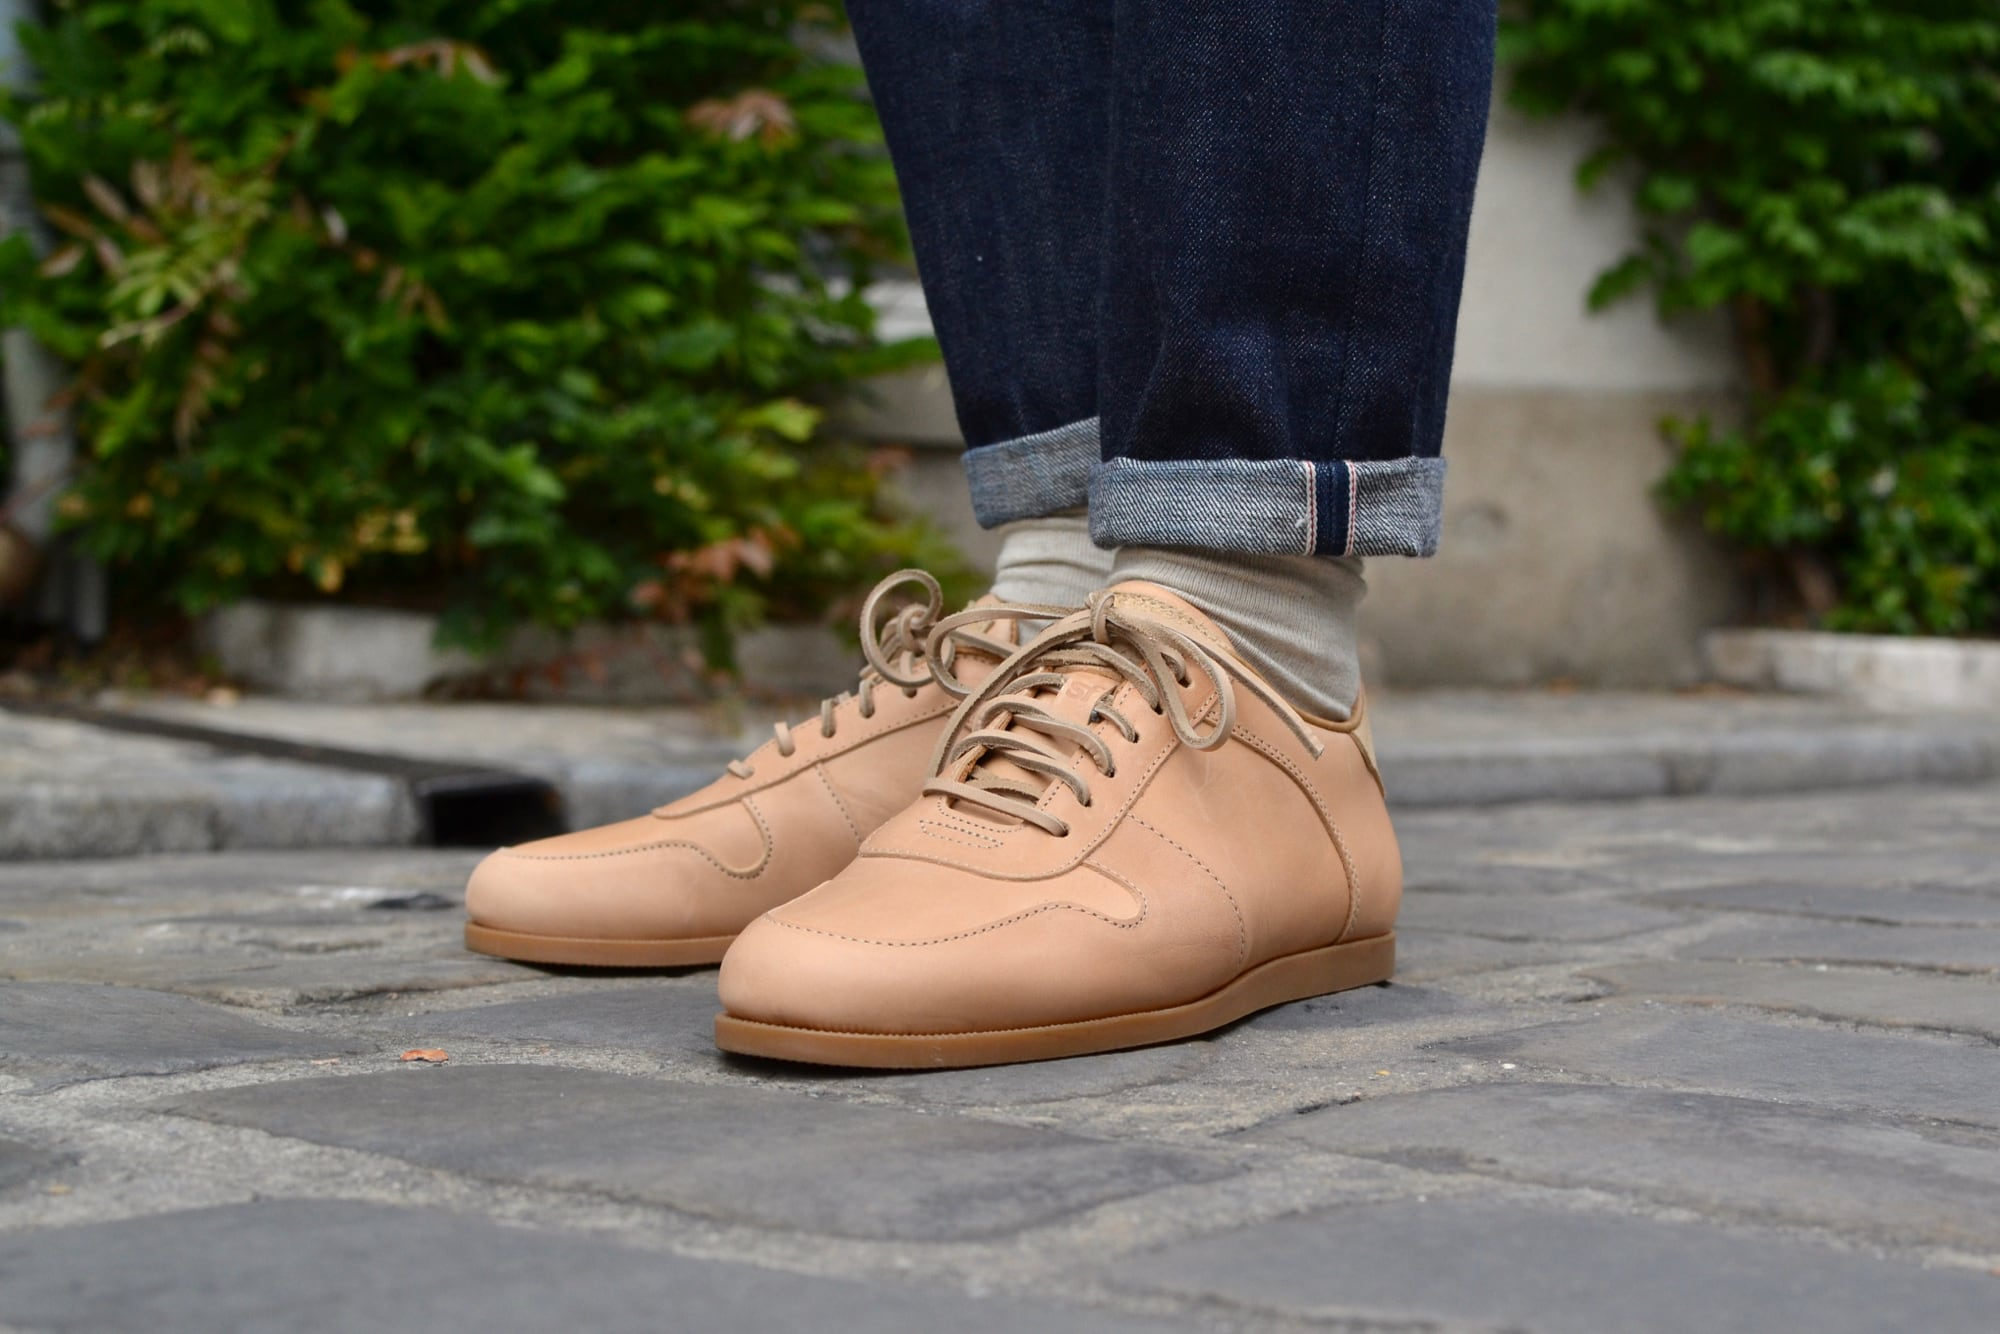 Standard Fair natural leather shoes model sport camp made in USA Maine shoes sneakers en cuir naturel et à potentiel de patine